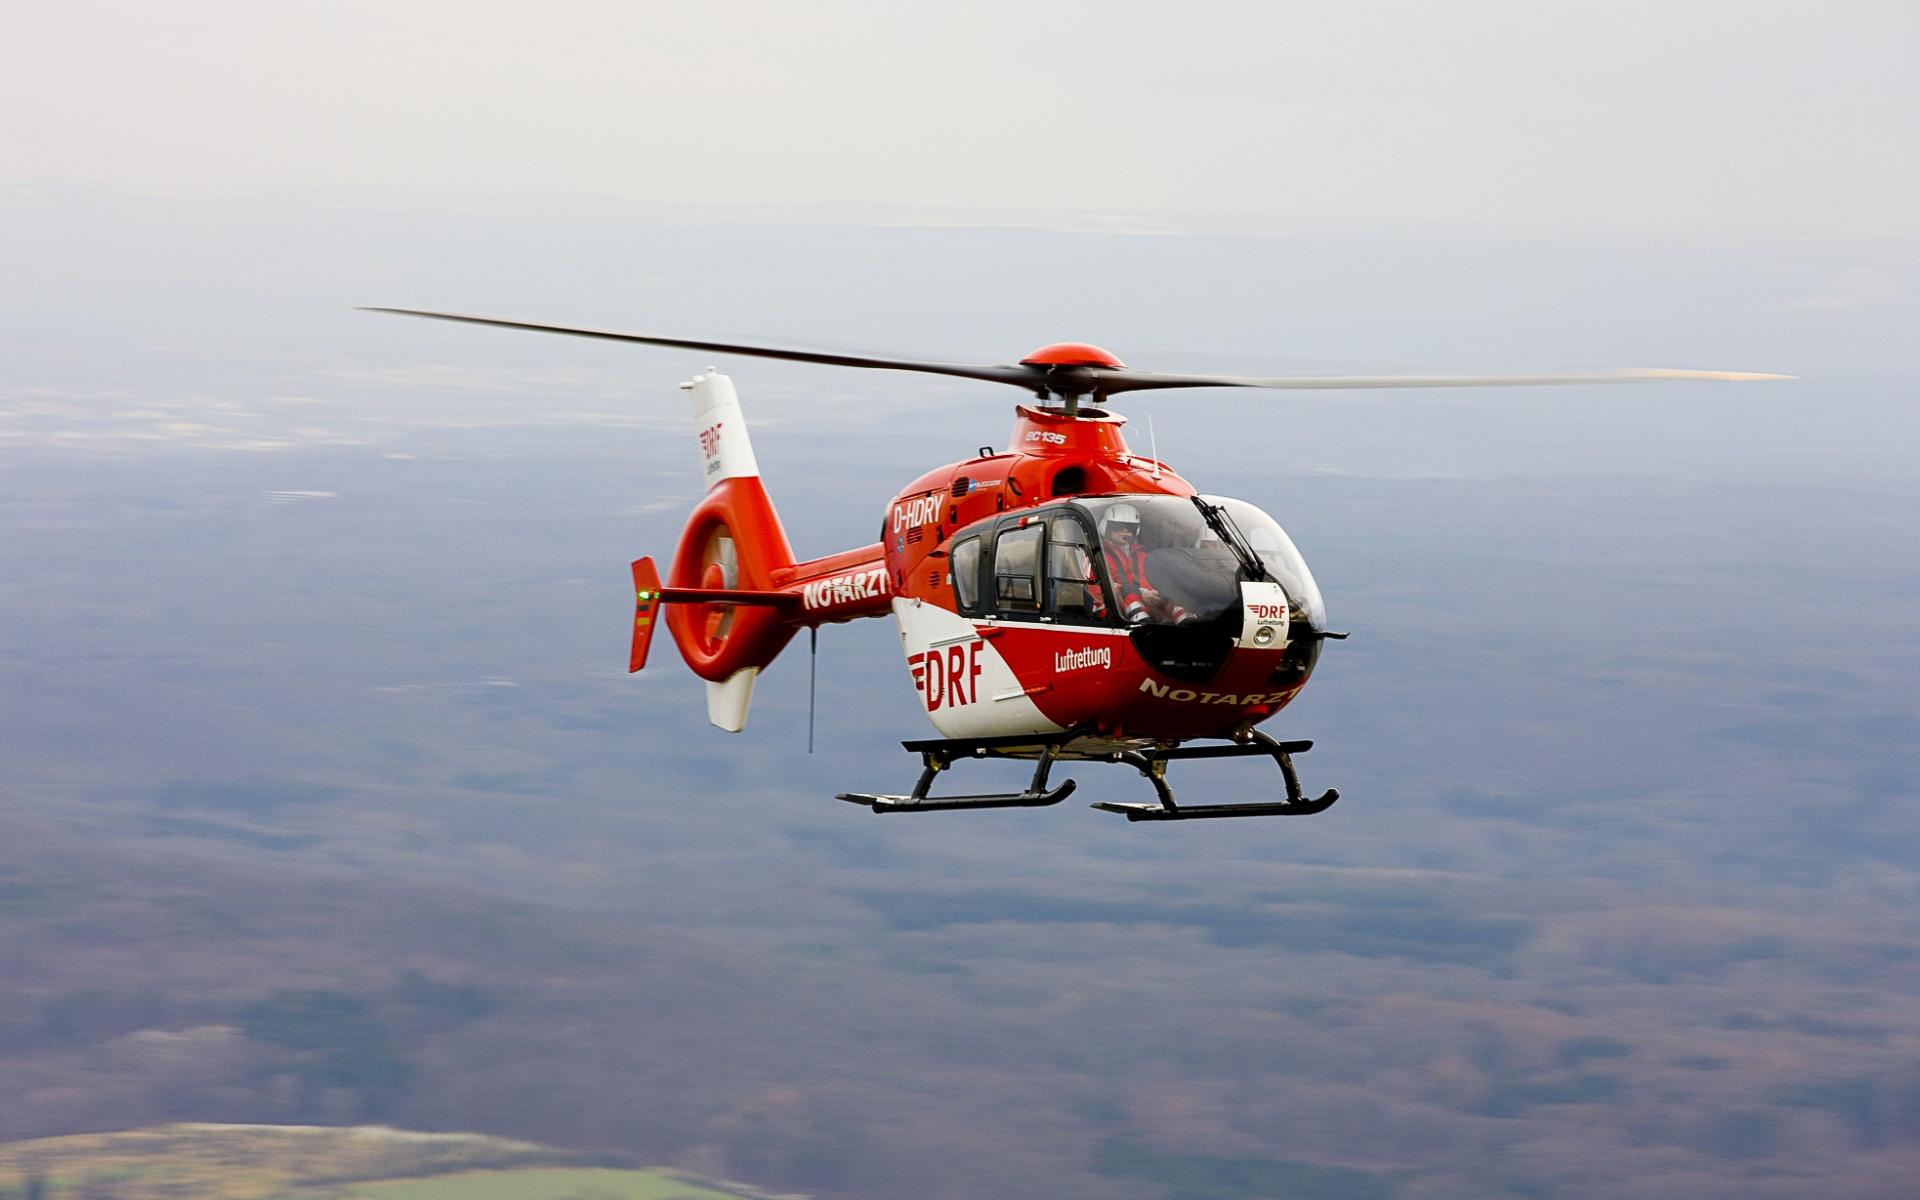 Innerhalb weniger Minuten fliegen die Luftretter den kleinen Patienten in eine Spezialklinik. (Symbolbild)